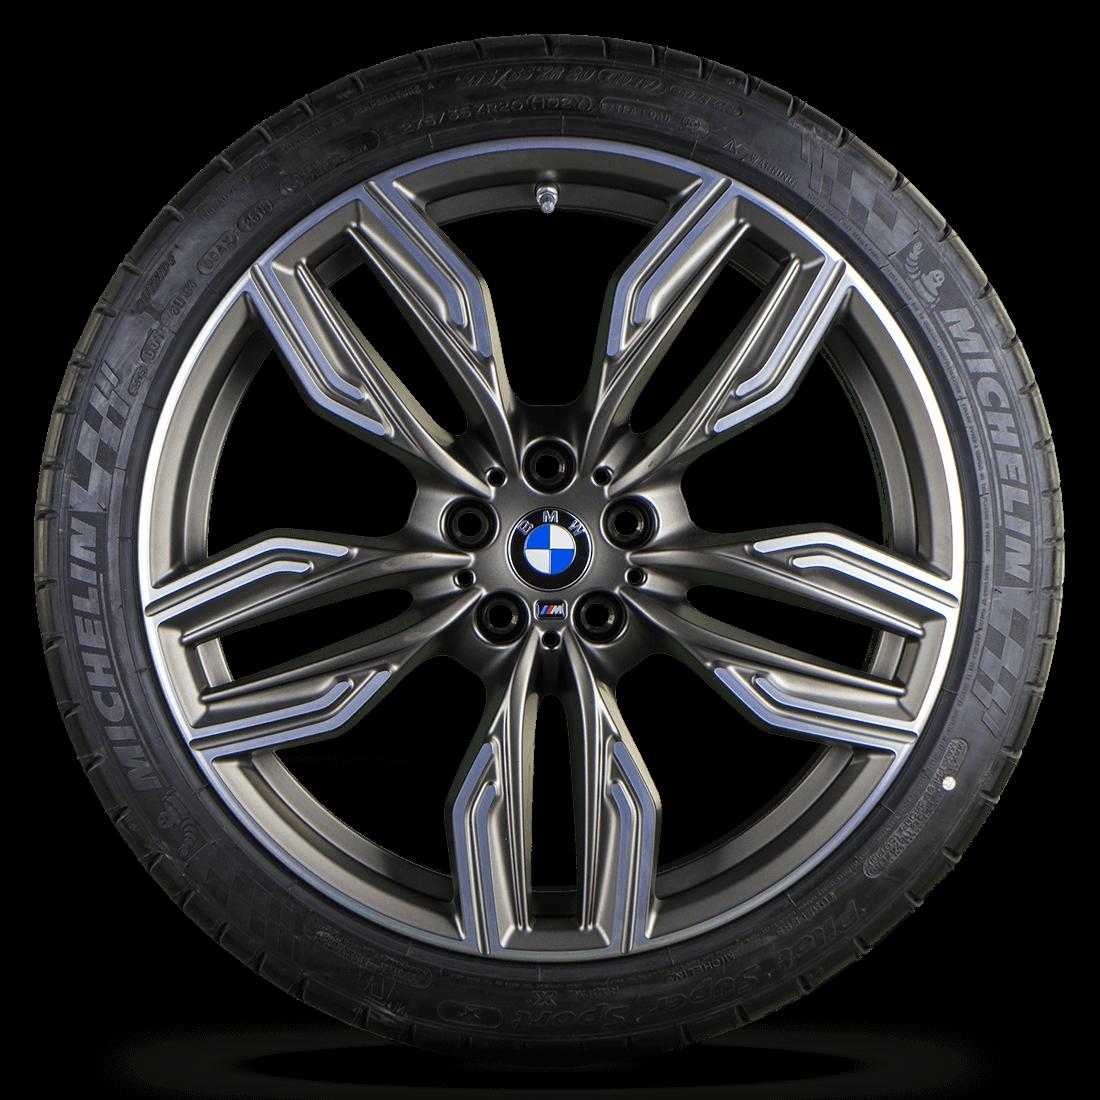 BMW 6er GT G32 7er G11 20 Zoll Alufelgen Felgen Sommerreifen Styling M760 NEU